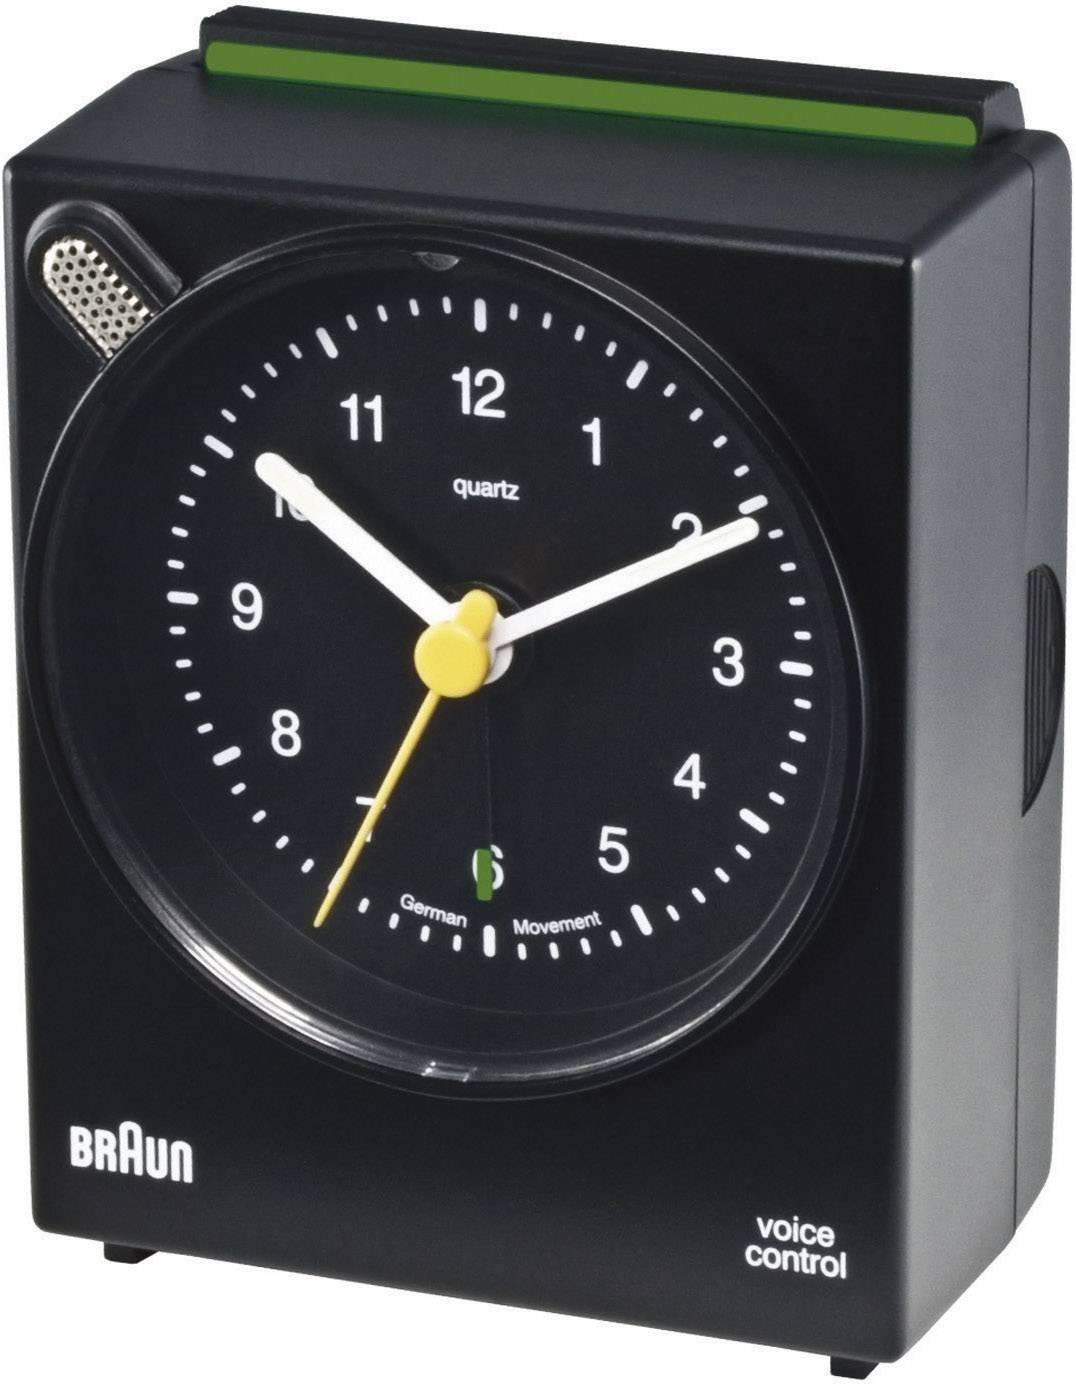 Analógový quarz budík Braun Voice Control, čierny